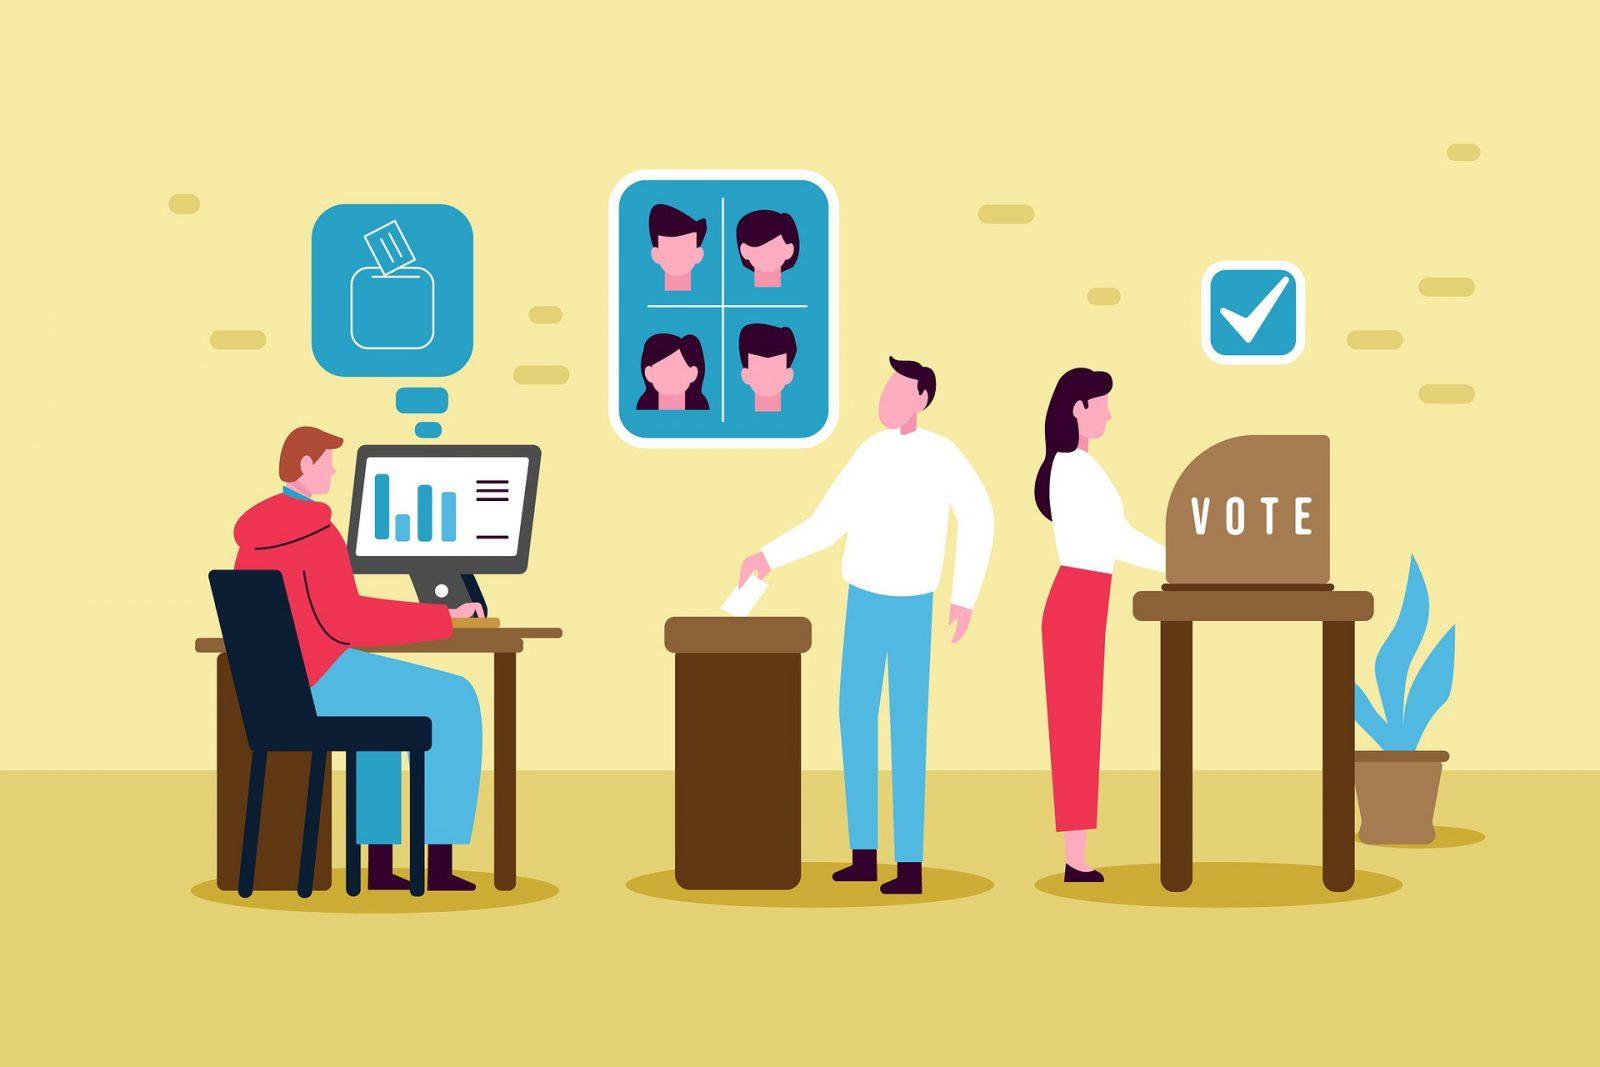 Assemblea Virtuale con Votazione Autenticata